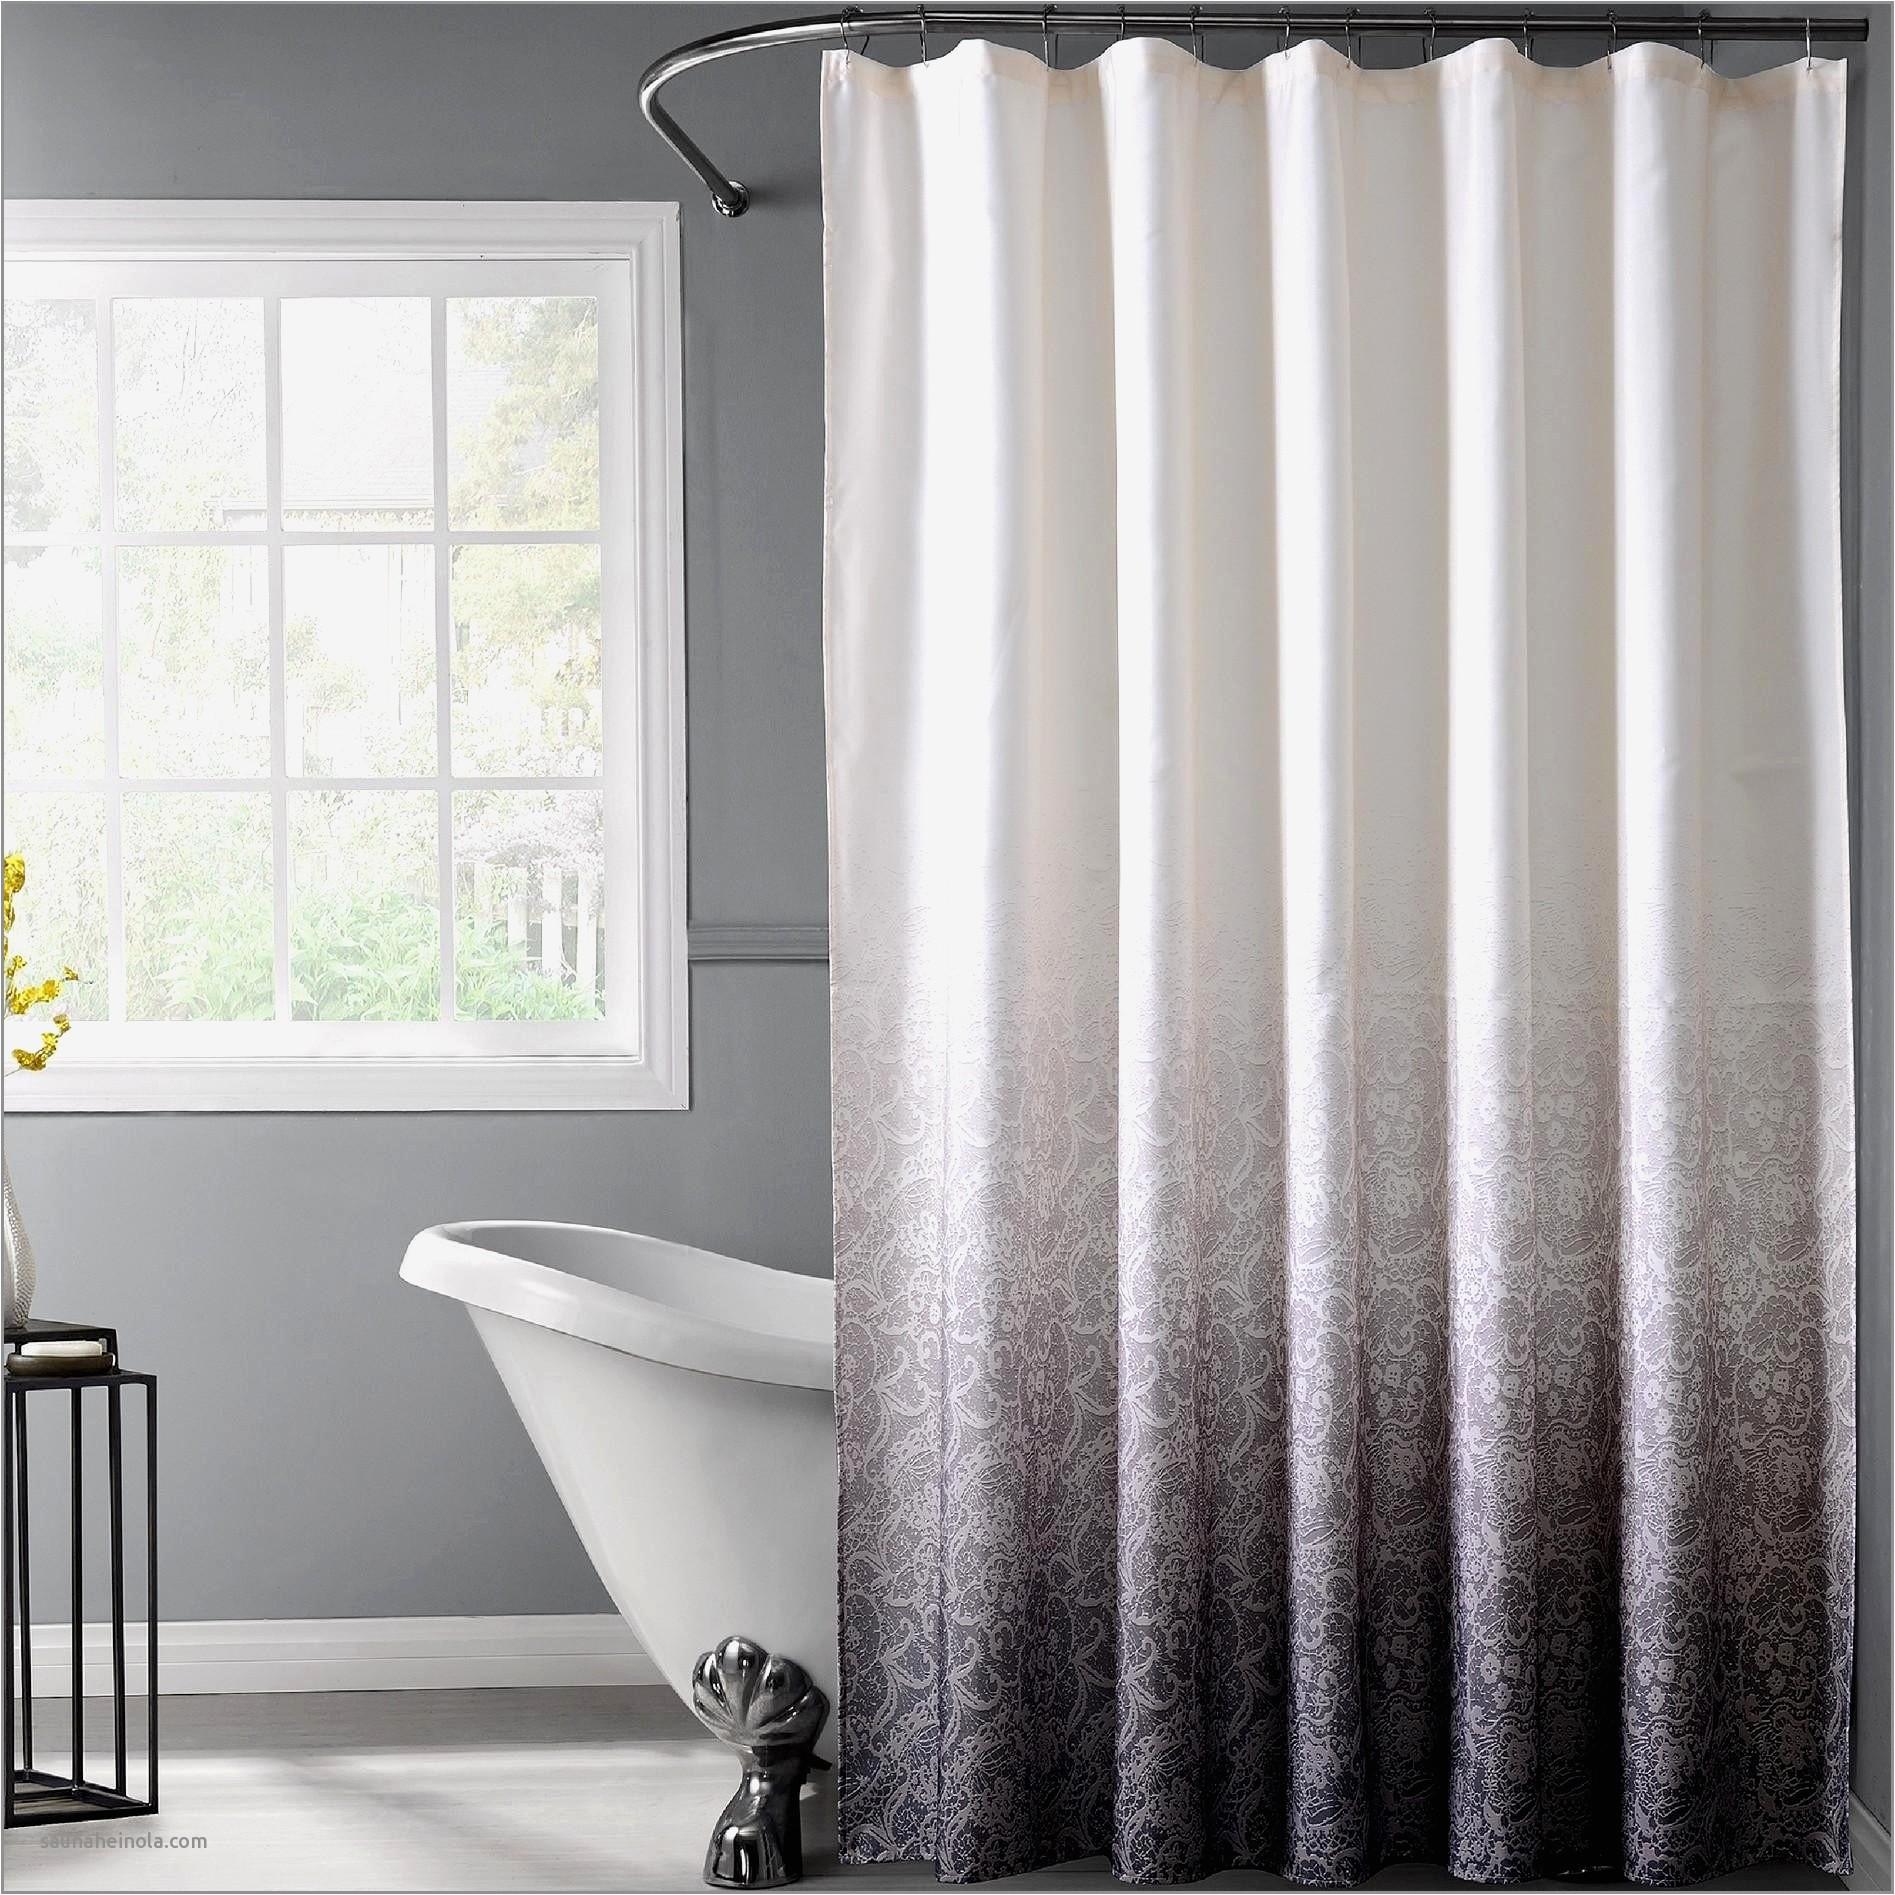 Transparent Shower Curtain with Design 32 Unique Green and Blue Shower Curtain Design Of Transparent Shower